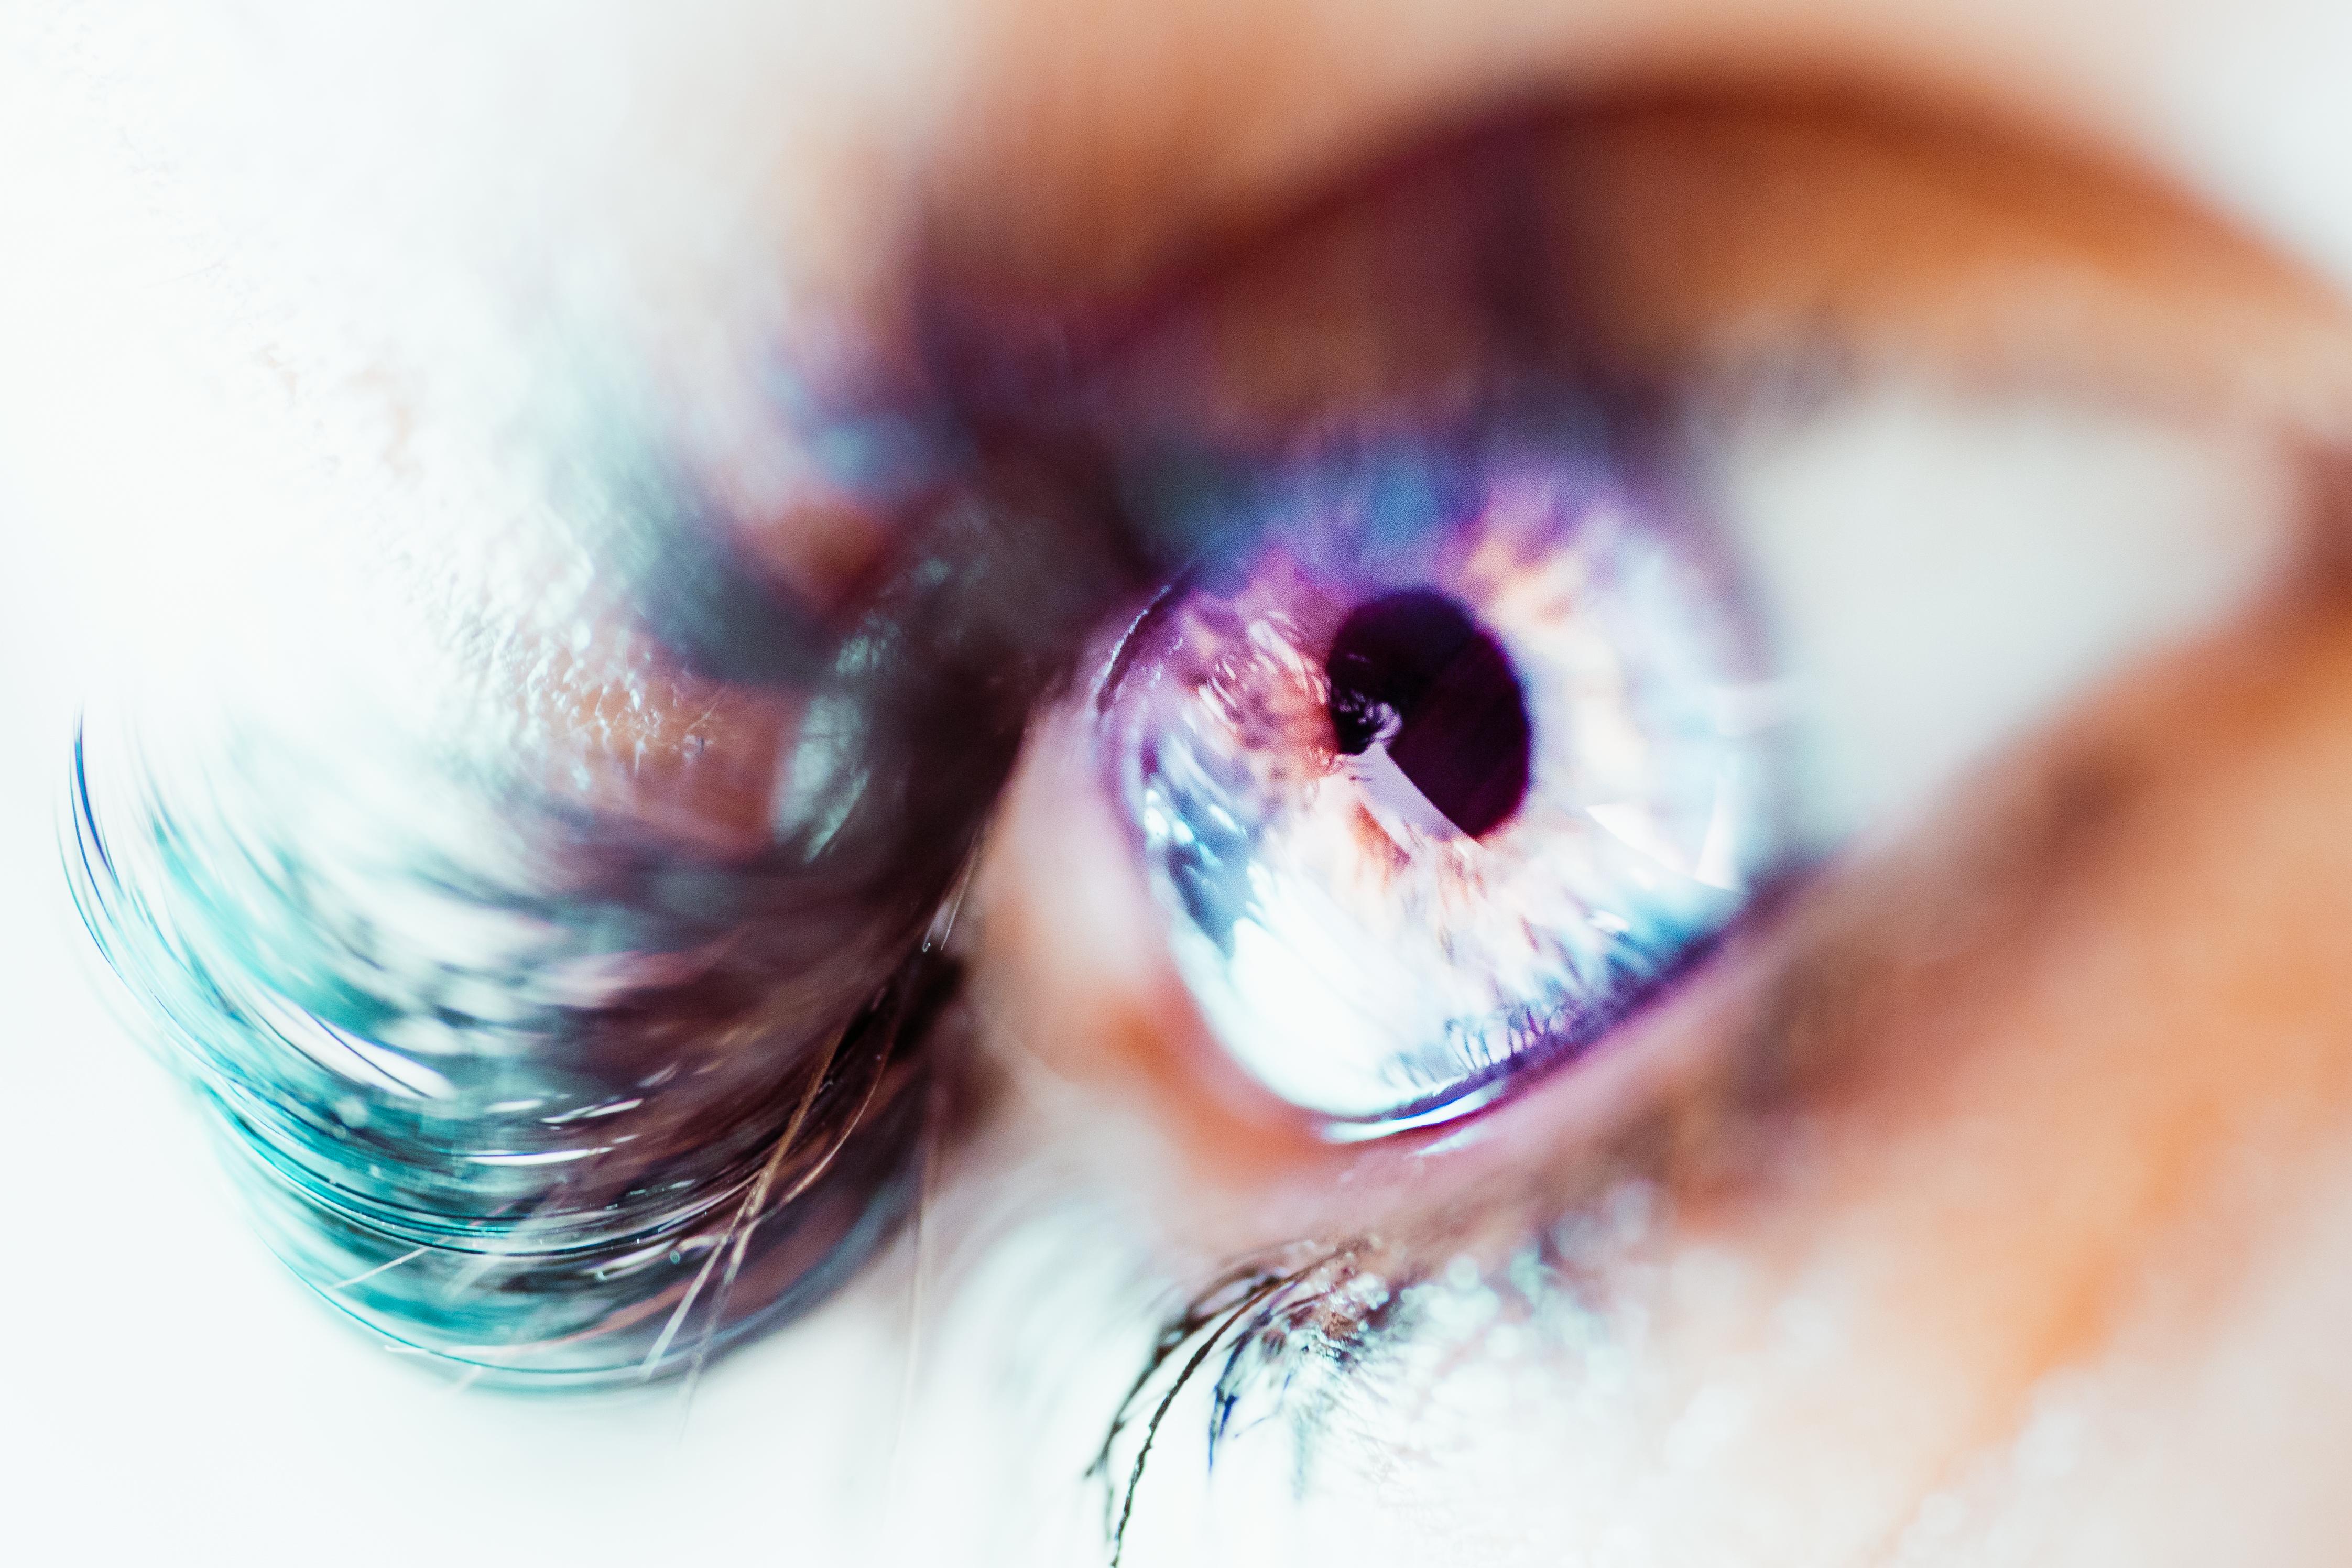 derrame ocular causas y consecuencias